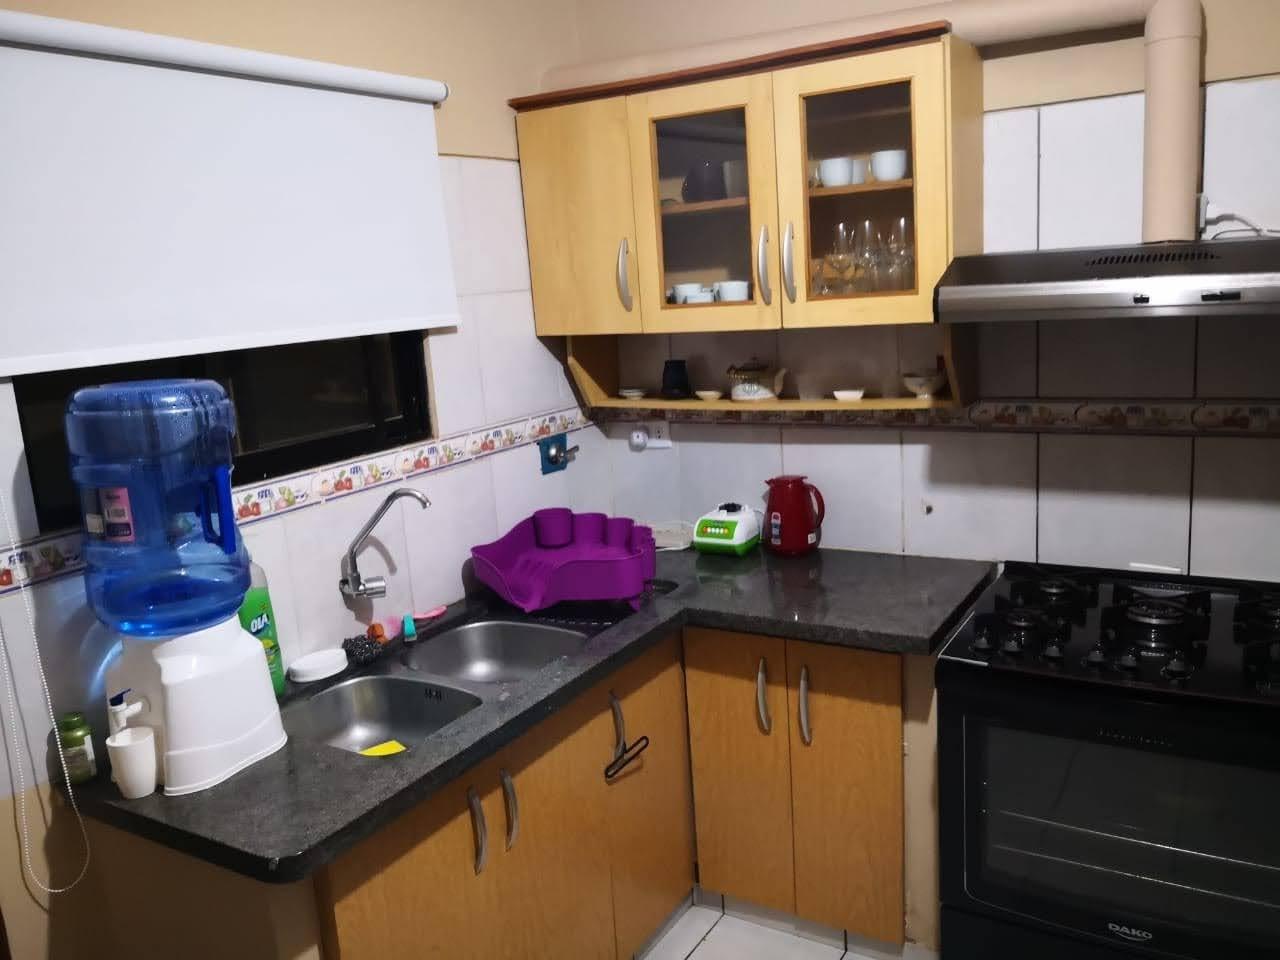 Casa en Anticretico AV. SANTOS DUMONT 6TO ANILLO- CASA DENTRO DE CONDOMINIO Foto 4